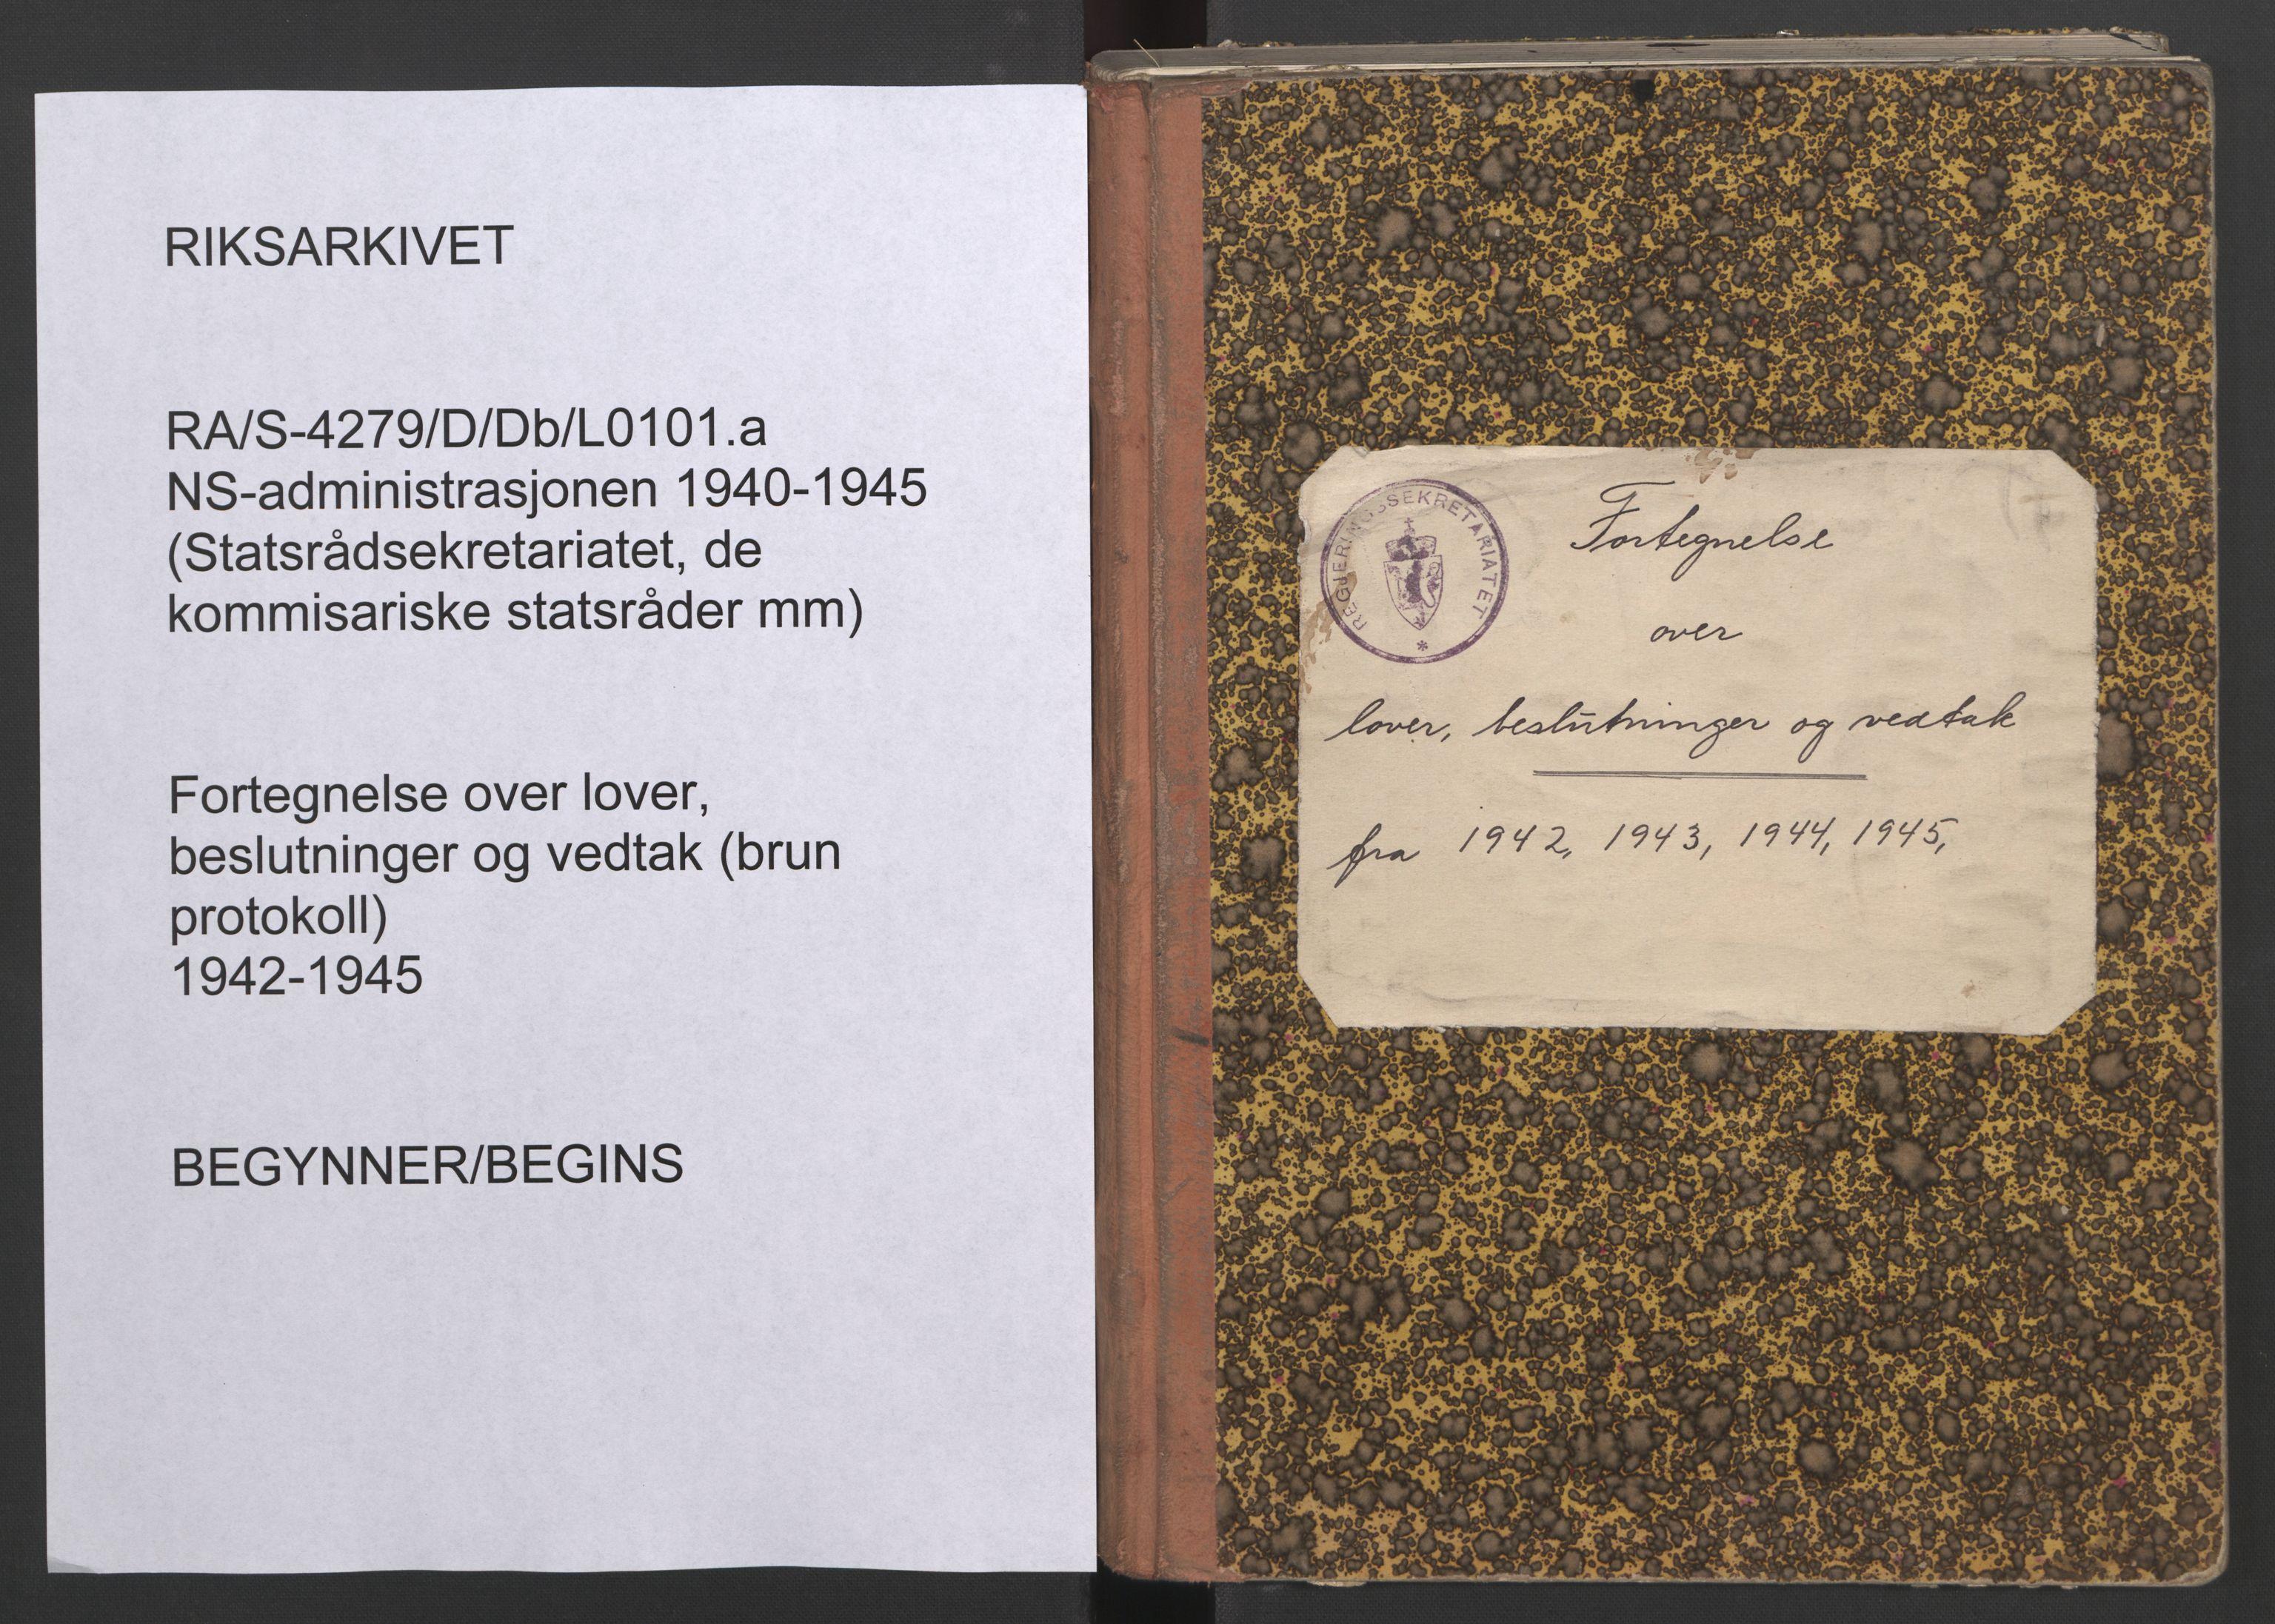 RA, NS-administrasjonen 1940-1945 (Statsrådsekretariatet, de kommisariske statsråder mm), D/Db/L0088: Foredrag (til vedtak i ministermøte) I, 1942-1945, s. upaginert